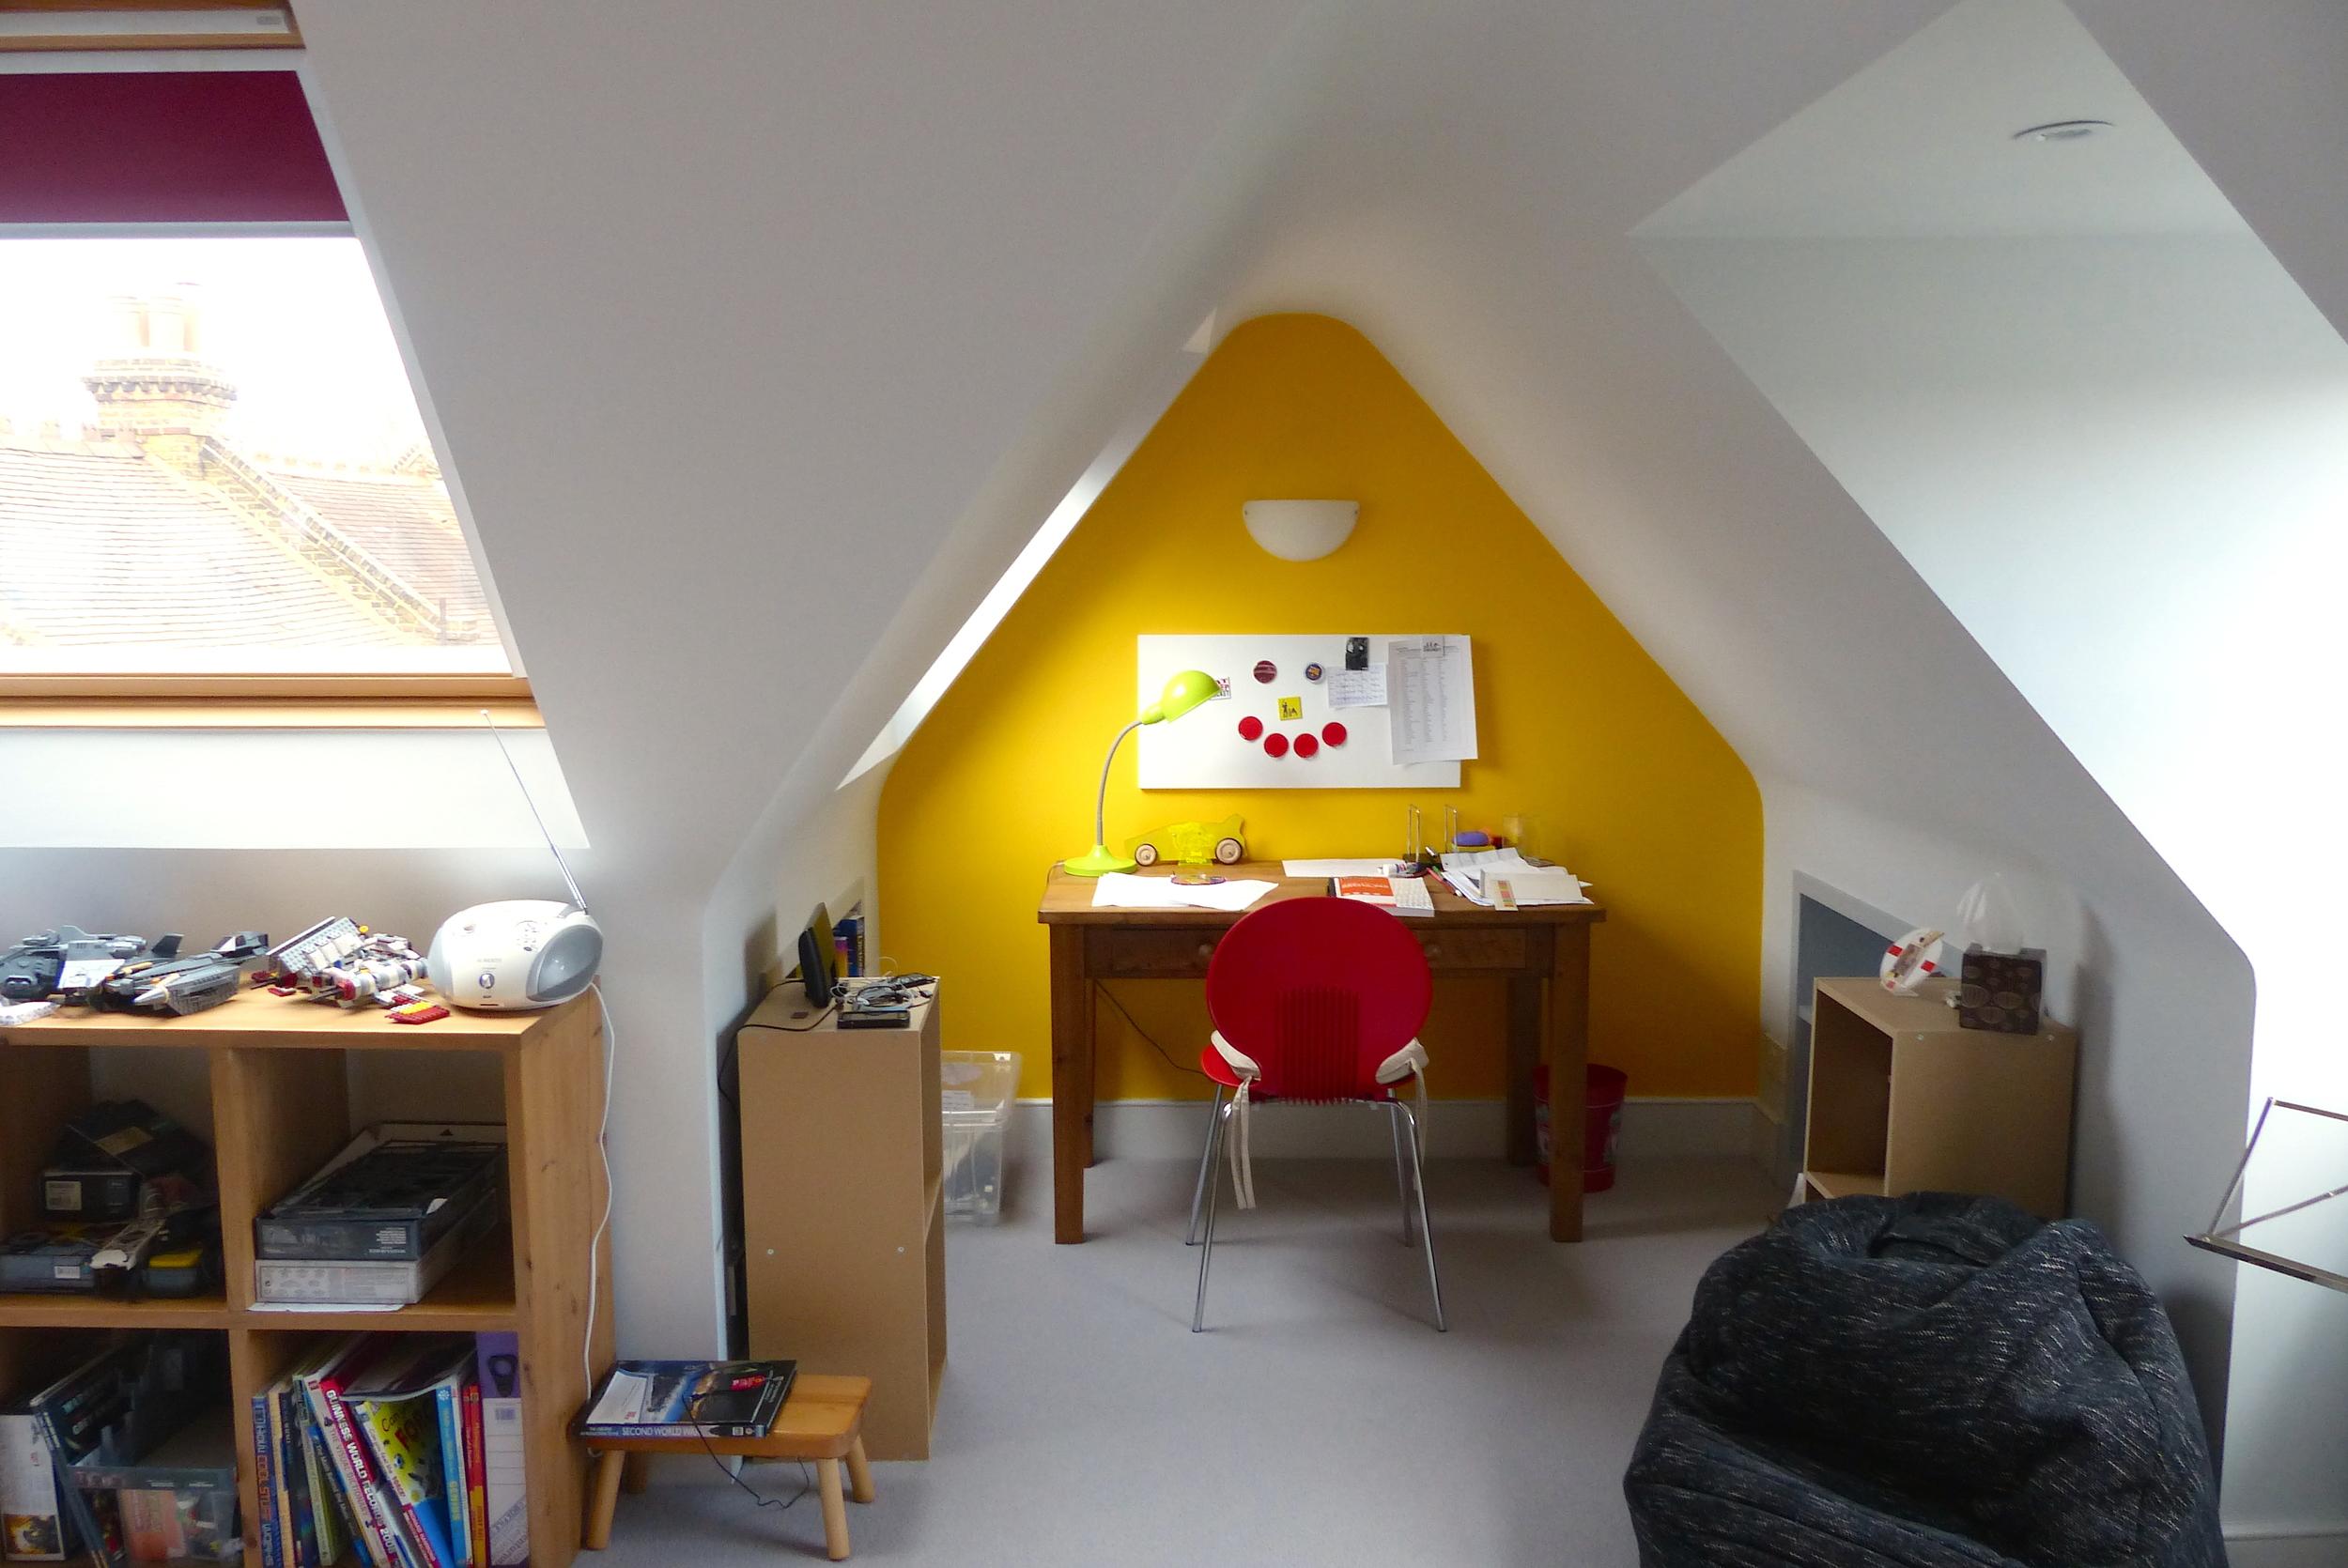 Architect project - Hillersdon Avenue - Loft Conversion - Roof Extension